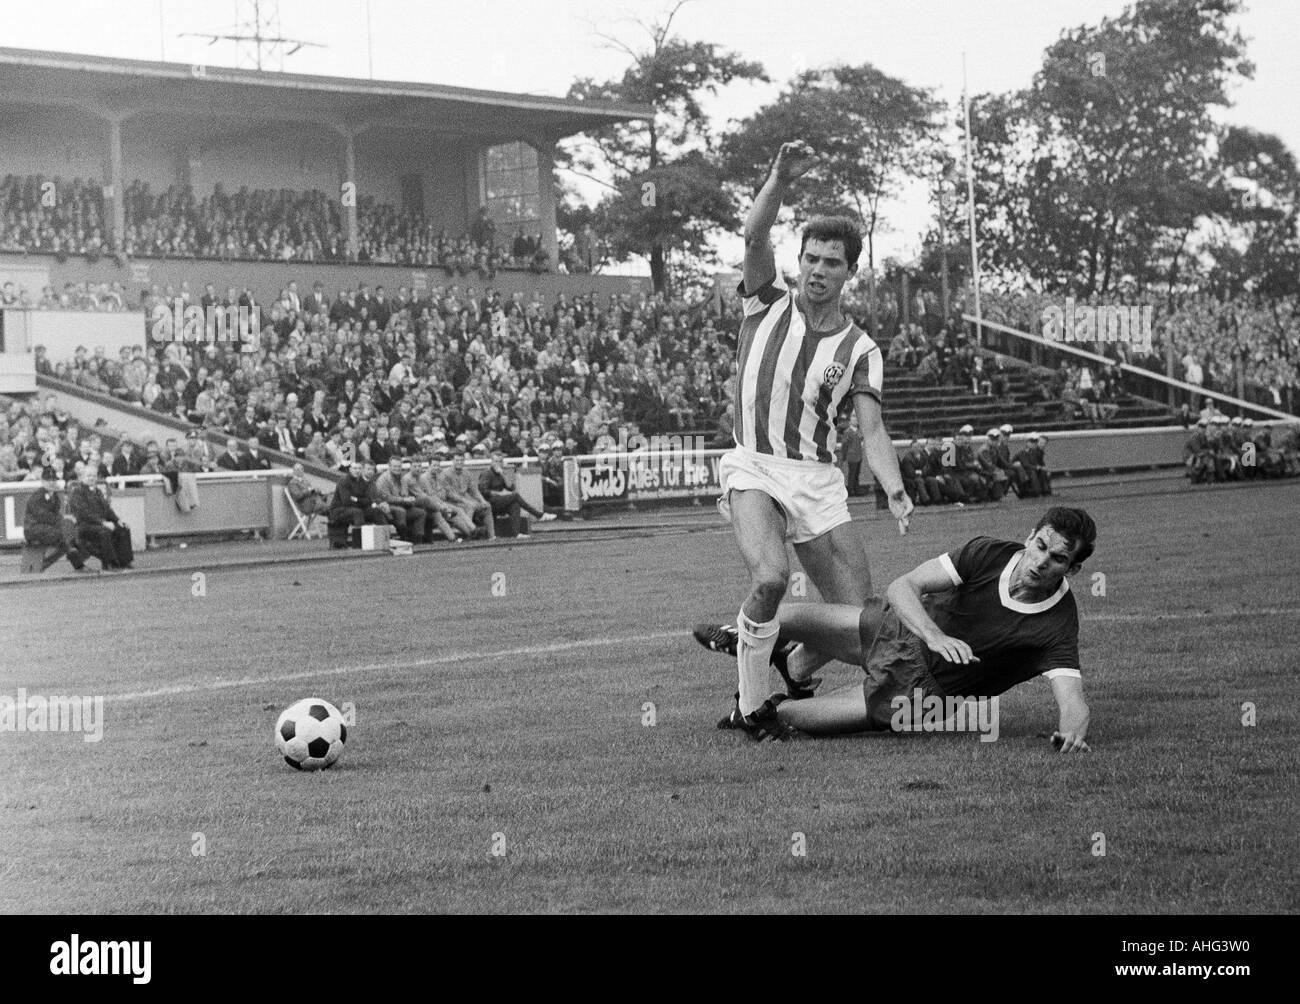 football, Regionalliga West, 1967/1968, Niederrhein Stadium in Oberhausen, Rot-Weiss Oberhausen versus Arminia Bielefeld 2:2, scene of the match, duel between Dietmar Erler (Bielefeld, left) and Dieter Hentschel (RWO) - Stock Image